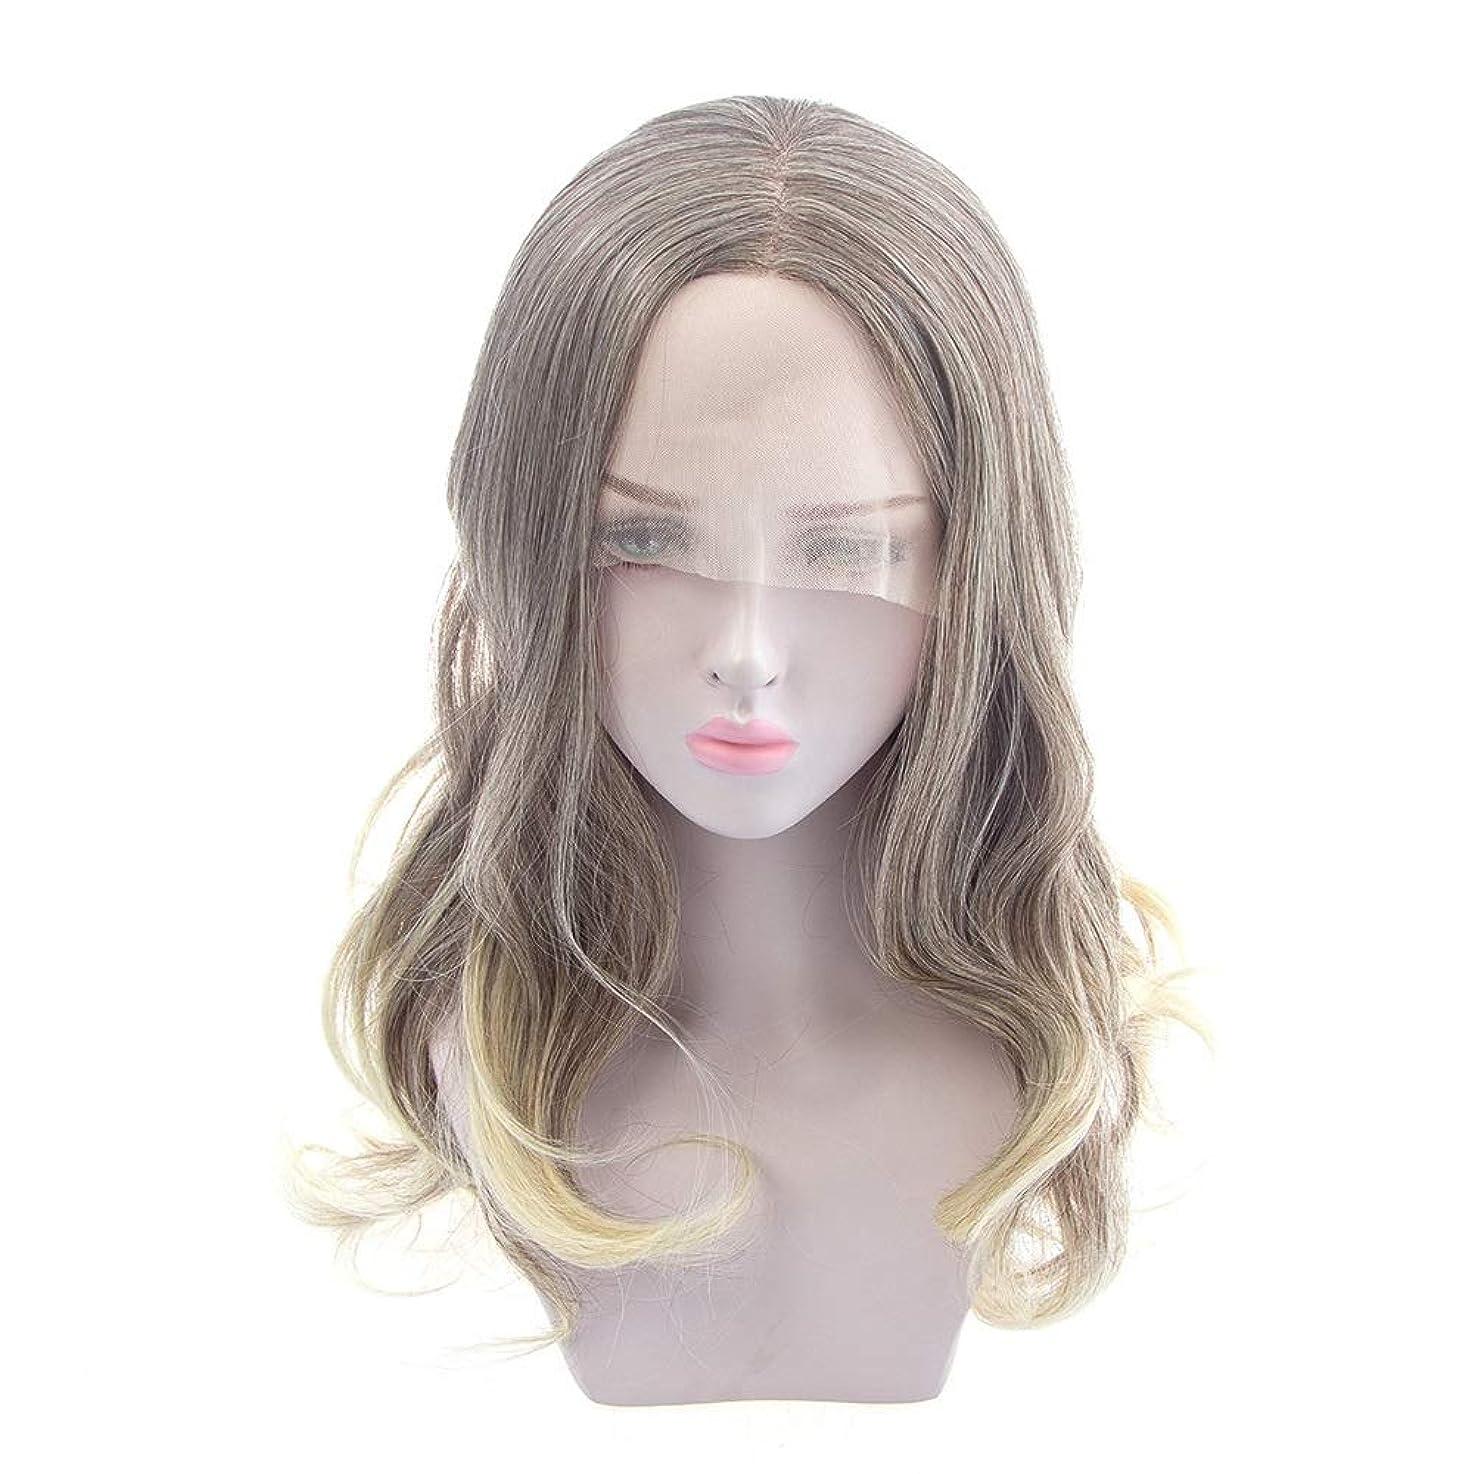 検出する小切手スティックZXF ヨーロッパとアメリカの女性の長い巻き毛のかつら、化学繊維のフロントレースのかつら、半手織り難燃性高温ワイヤー 美しい